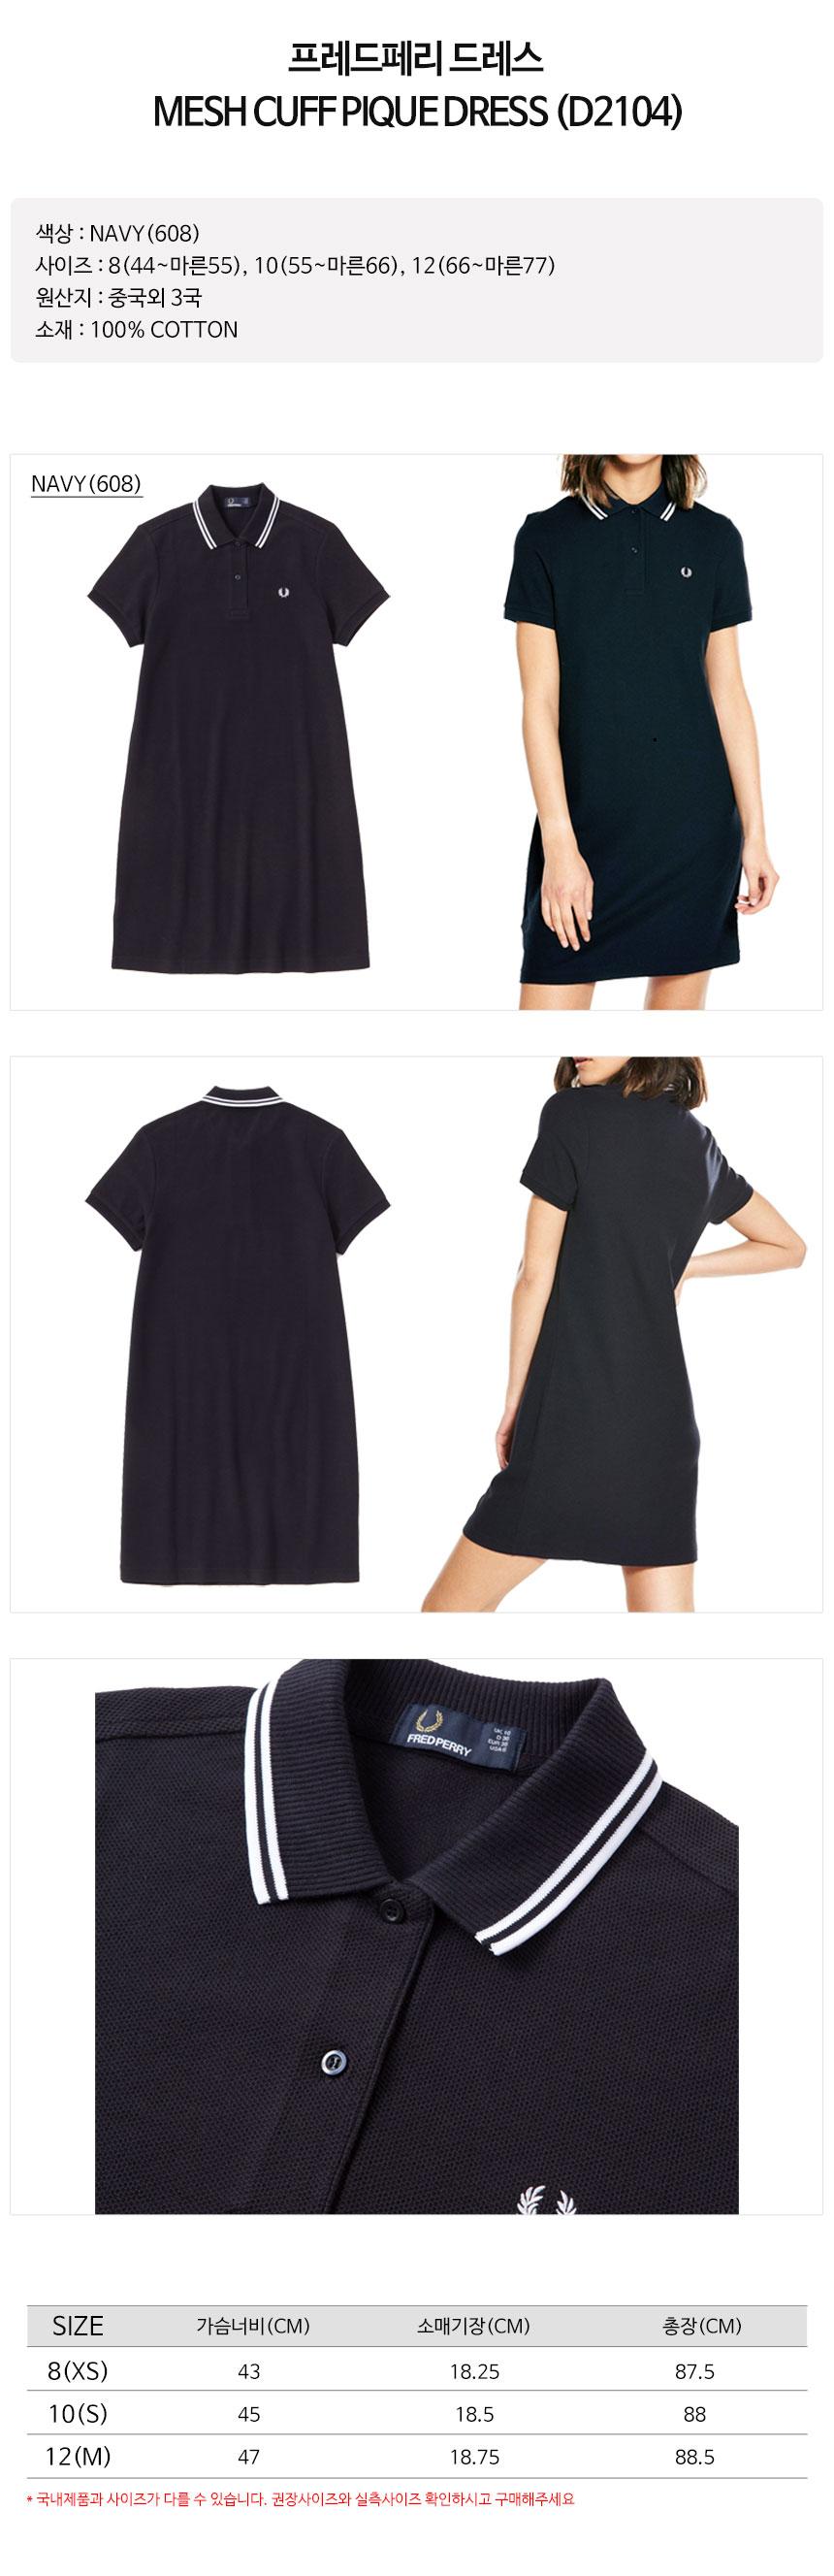 프레드페리(FRED PERRY) 메쉬 커프 피크 드레스 D2104